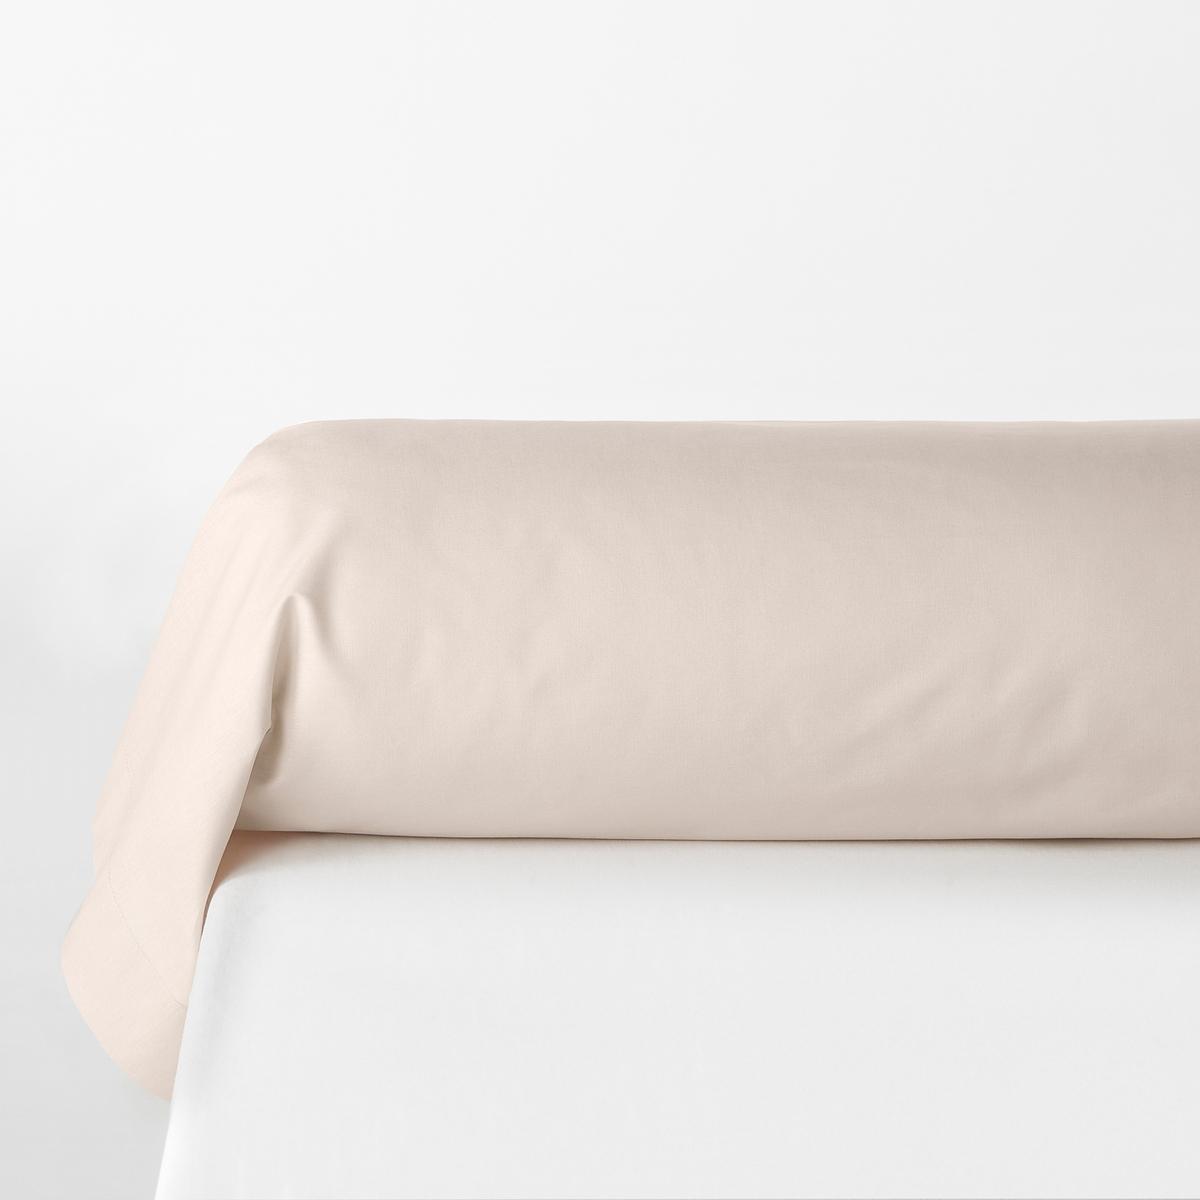 Наволочка на подушку-валик из полиэстера и хлопка (поликоттон)Наволочка на подушку-валик из ткани 50% хлопка, 50% полиэстера (поликоттон) плотного плетения (57 нитей/см?) : Чем больше плотность переплетения нитей/см?, тем качественнее материал. Длительный комфорт и отличная прочность.Отличная стойкость цветовк стиркам (60 °C), быстрая сушка, глажка не требуется.                                                                                                                                                                       Преимущества     : великолепная гамма очень современных оттенков для сочетания по желанию с простынями и пододеяльниками SCENARIO и рисунками коллекции. Знак Oeko-Tex® гарантирует, что товары протестированы и сертифицированы, не содержат вредных веществ, которые могли бы нанести вред здоровью.                                                                                                  ?Наволочка на подушку-валик :85 x 185 см                                                                                                                             Откройте для себя всю коллекцию постельного белья, нажав SC?NARIO UNI<br><br>Цвет: антрацит,белый,бледный сине-зеленый,бордовый,вишневый,голубой бирюзовый,зеленый,нежно-розовый,светло-бежевый,серо-коричневый каштан,Серо-синий,серый жемчужный,смородиновый,фиолетовый,черный<br>Размер: 85 x 185 см